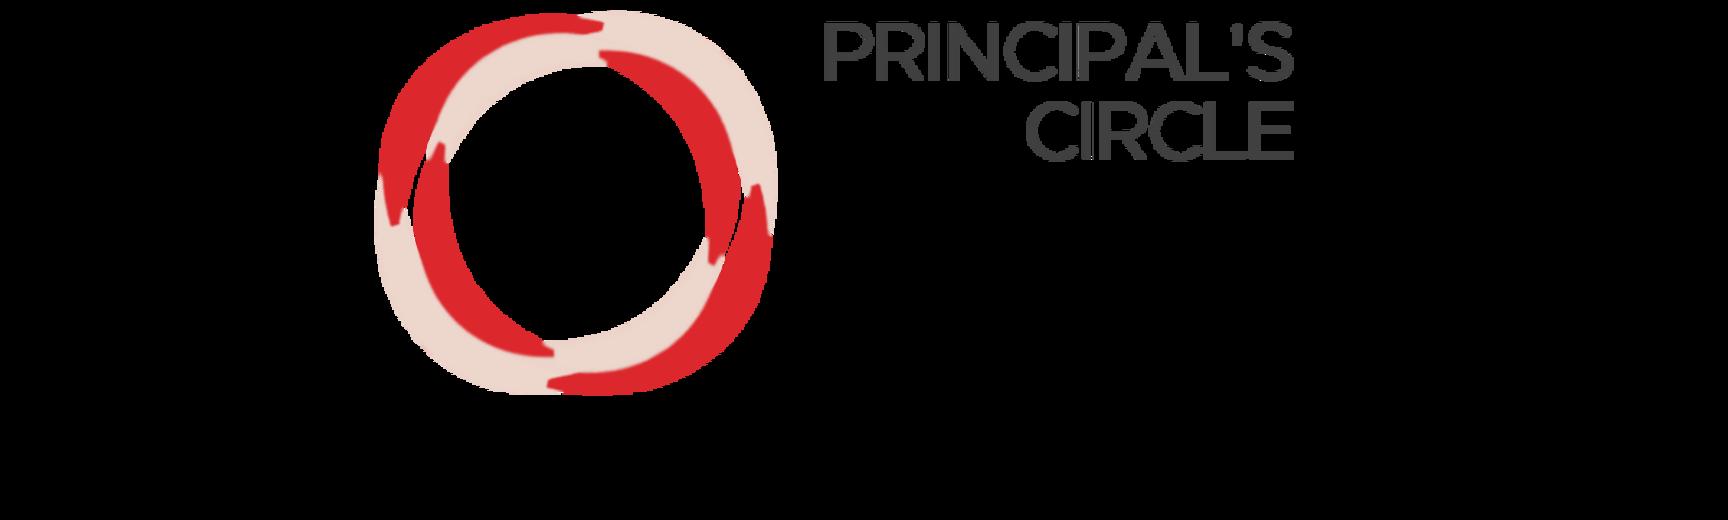 principals circle banner small